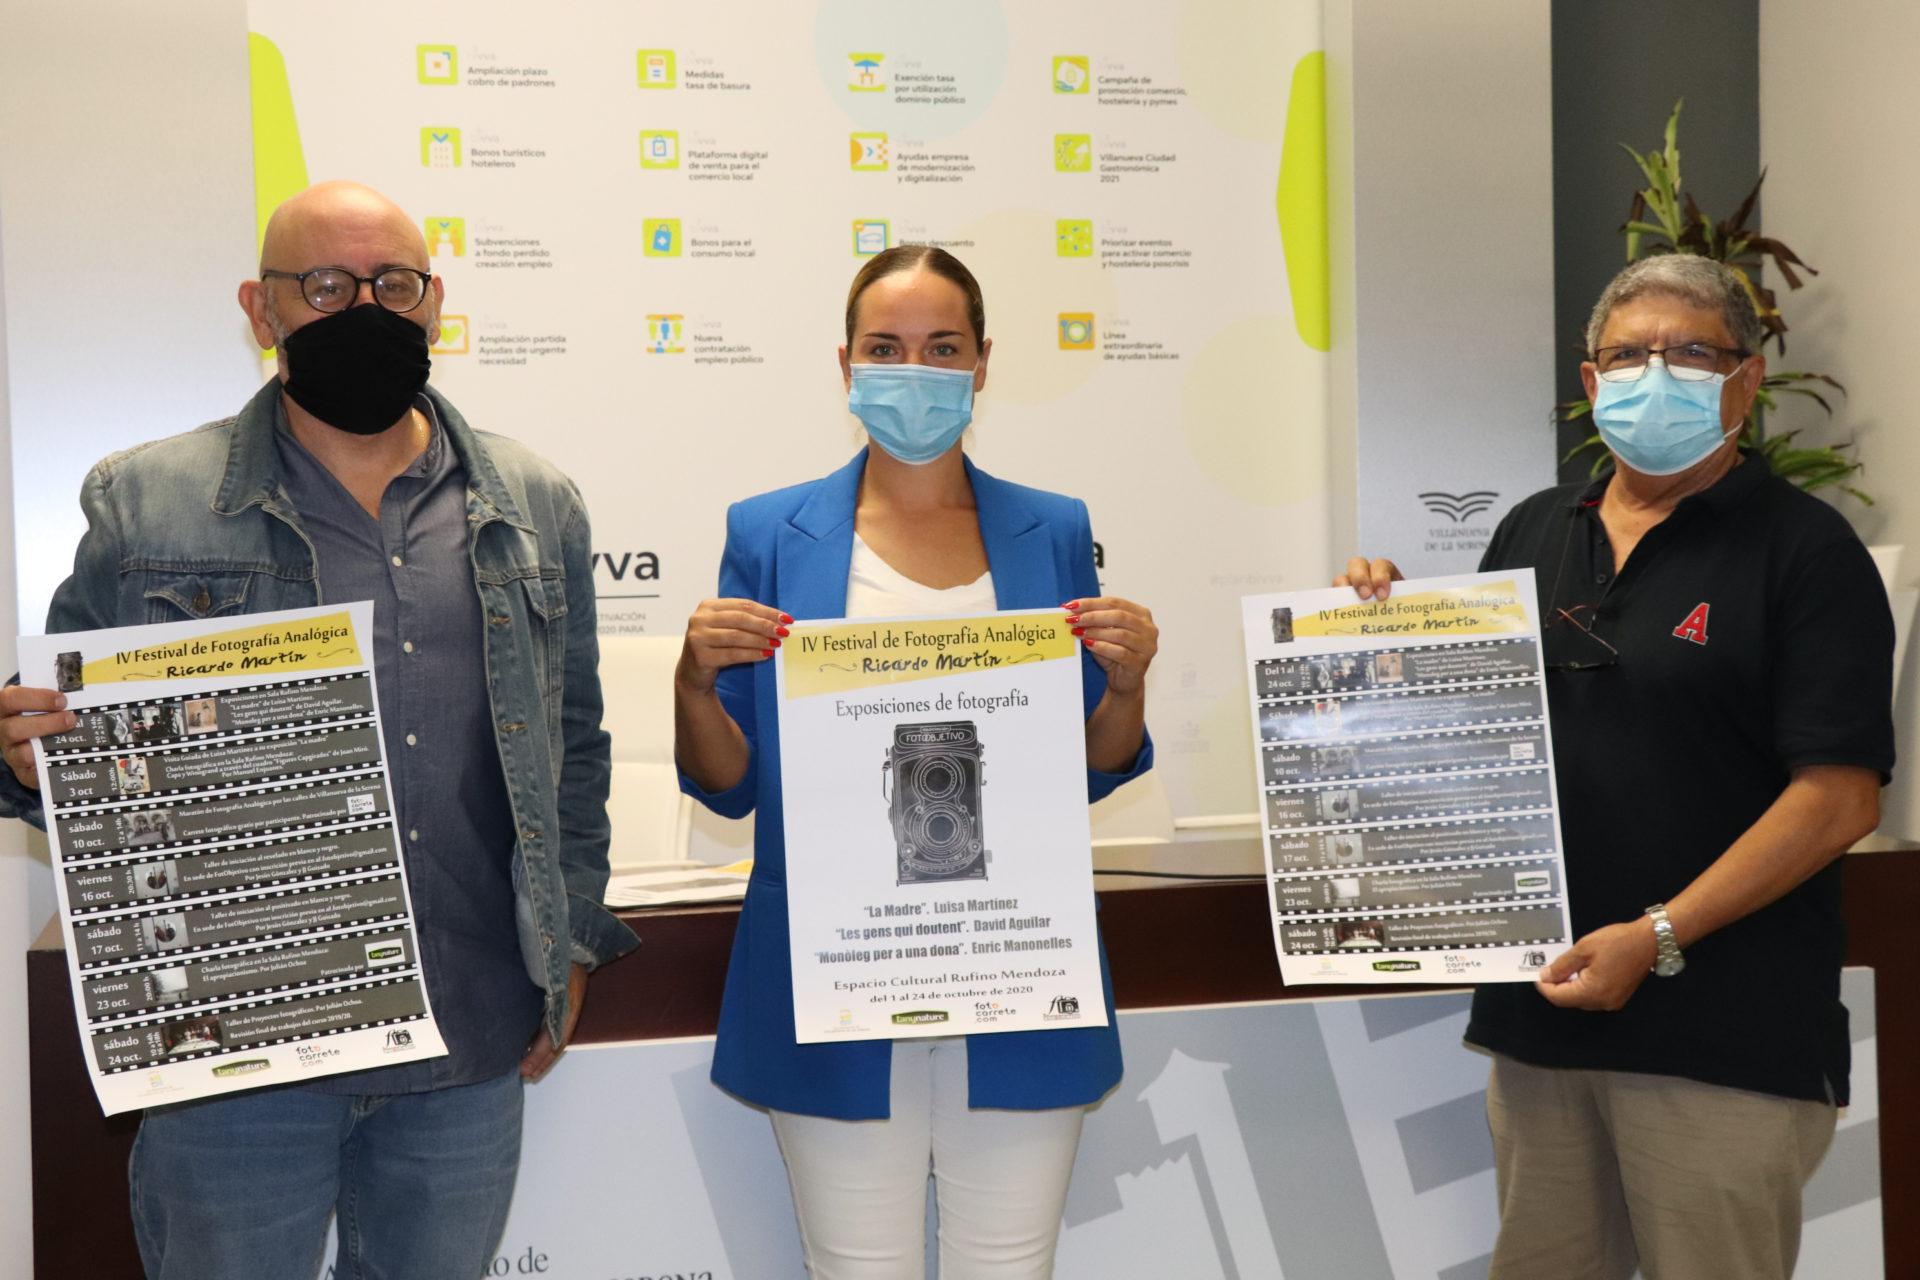 Talleres, exposiciones, charlas entre otras actividades en el IV Festival de Fotografía Analógica Ricardo Martín